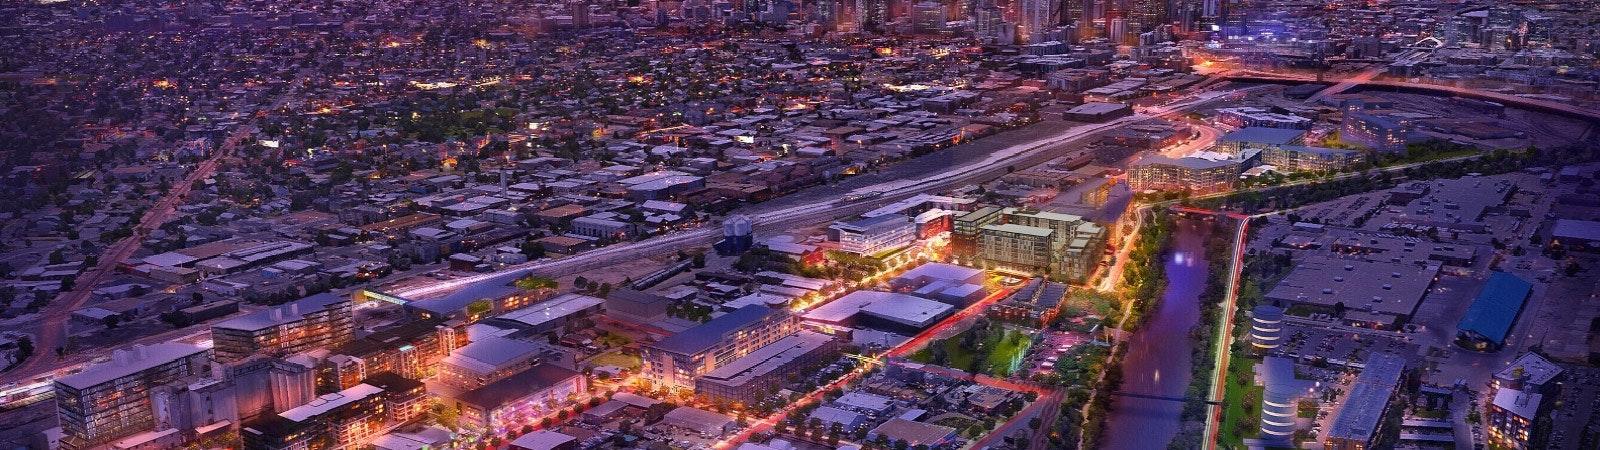 Denver Future at The Source Denver